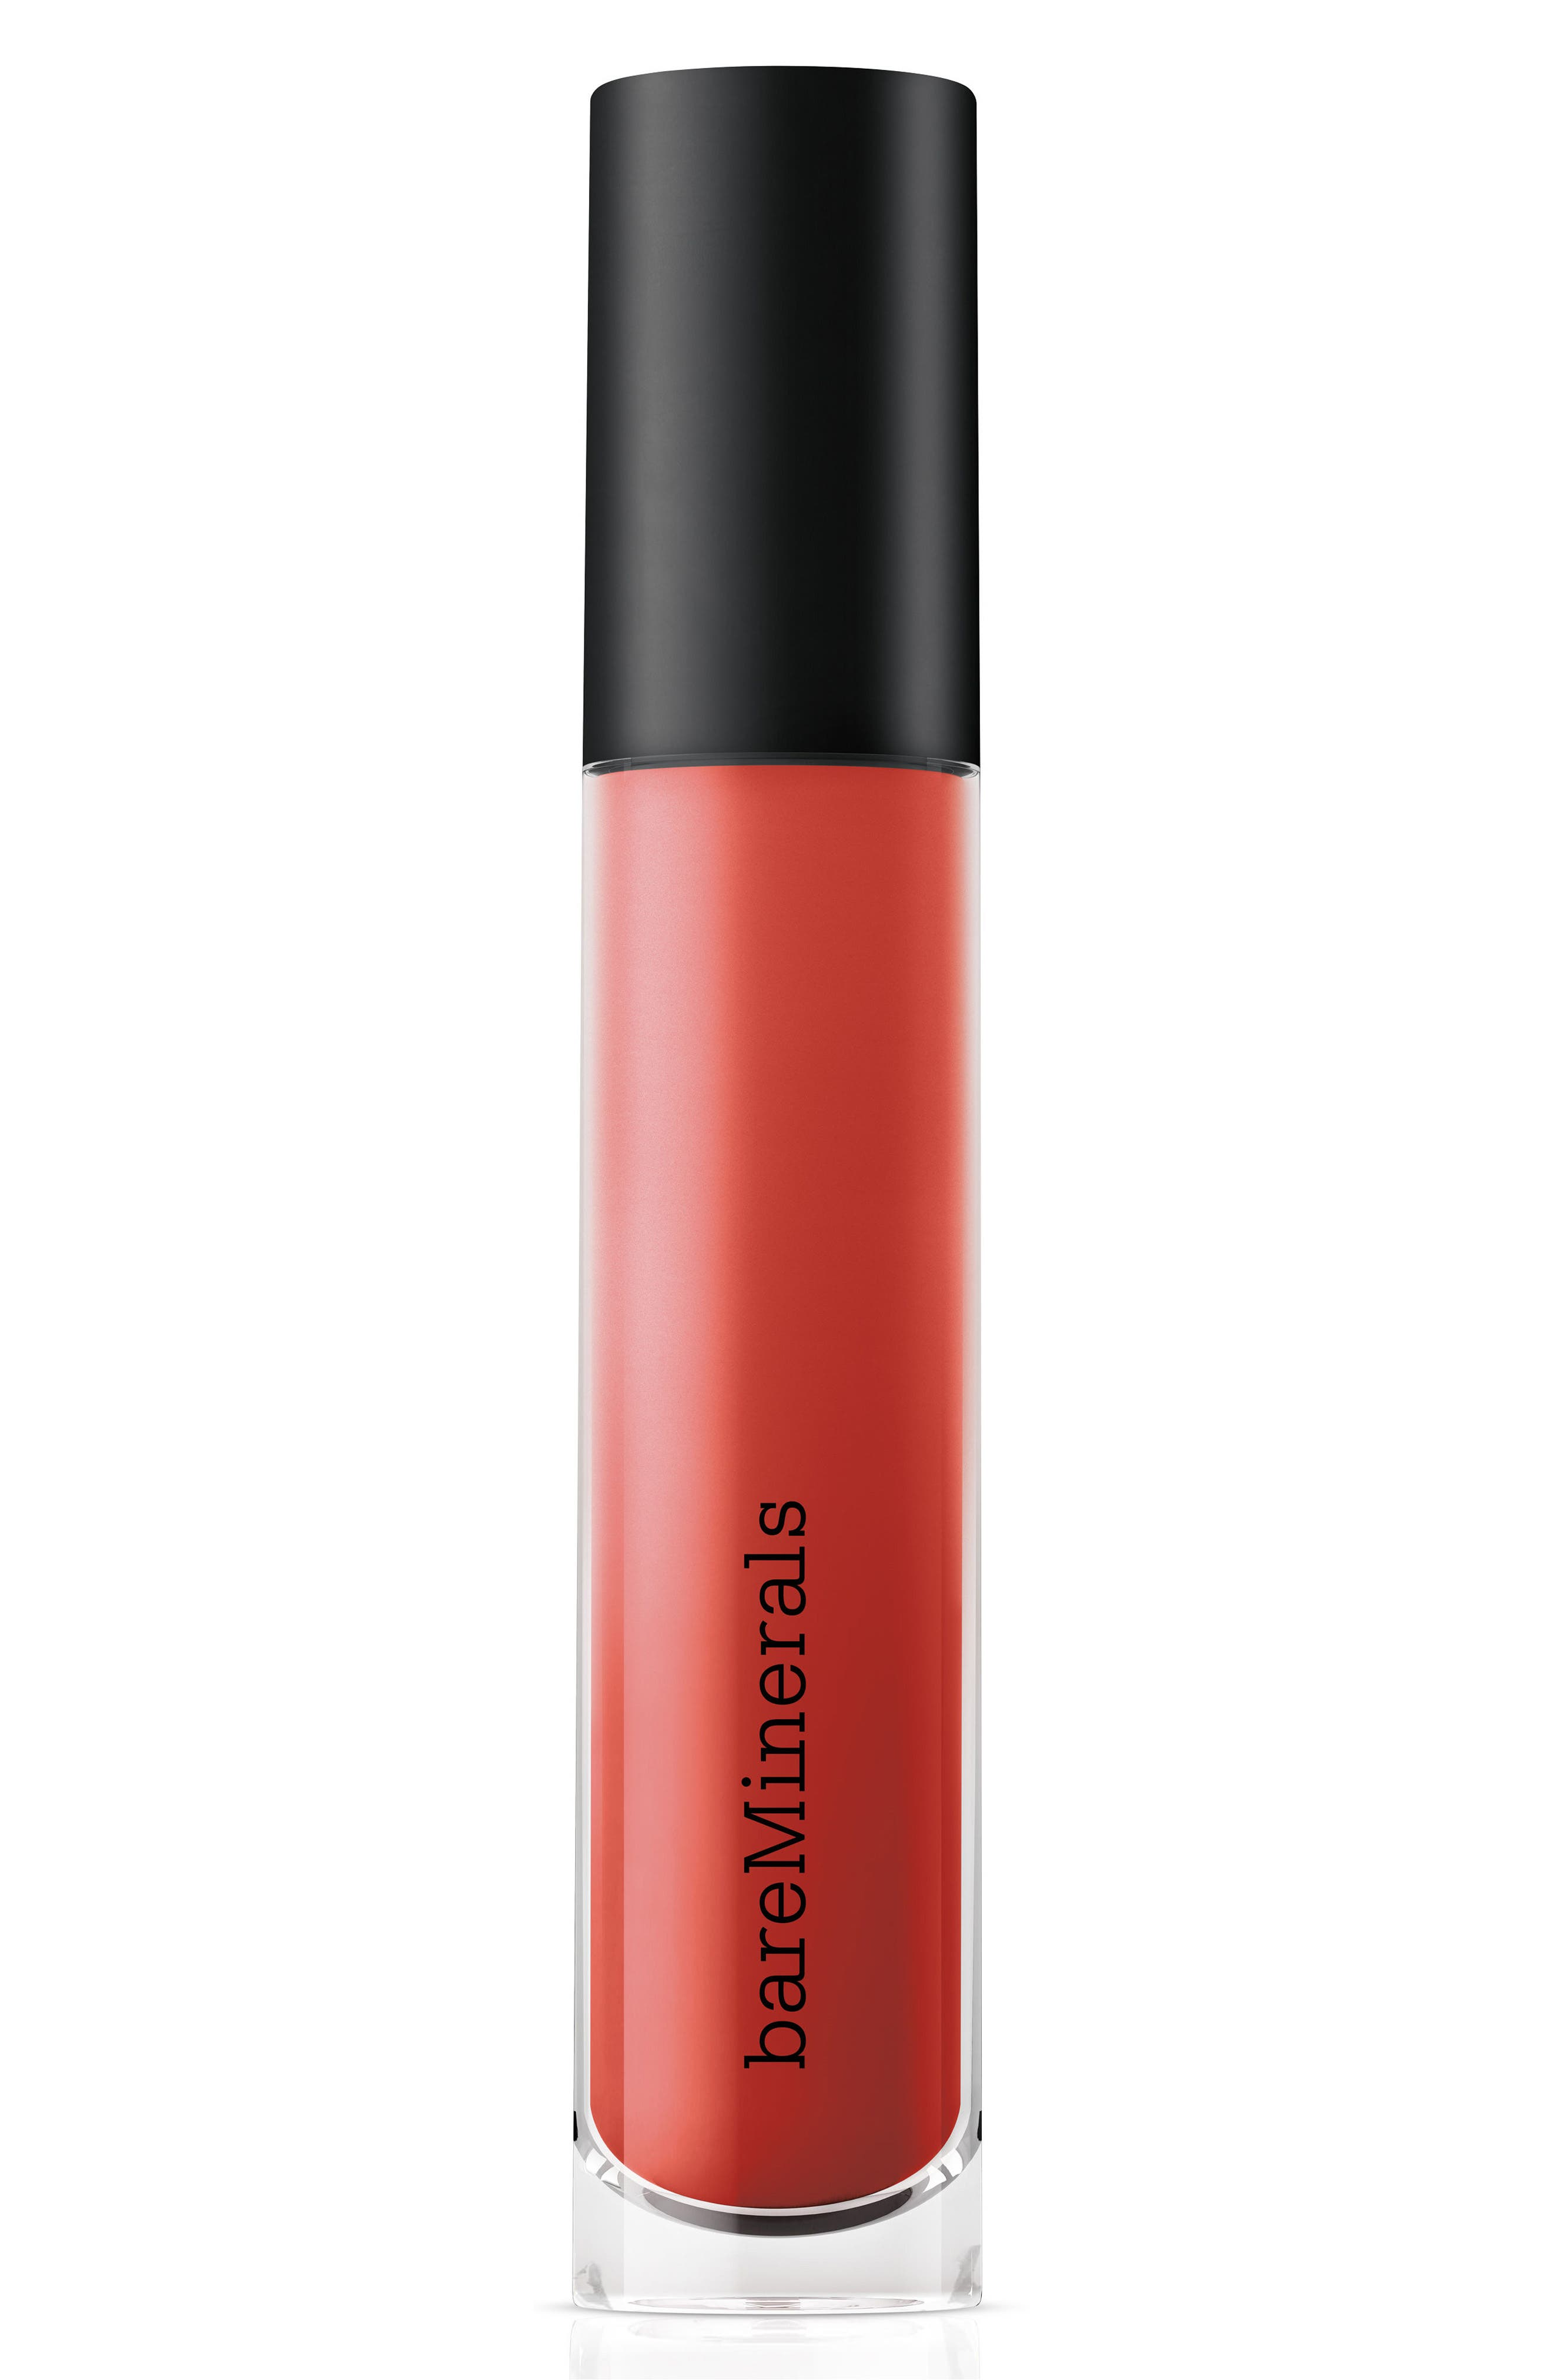 Bareminerals Statement(TM) Matte Liquid Lipstick